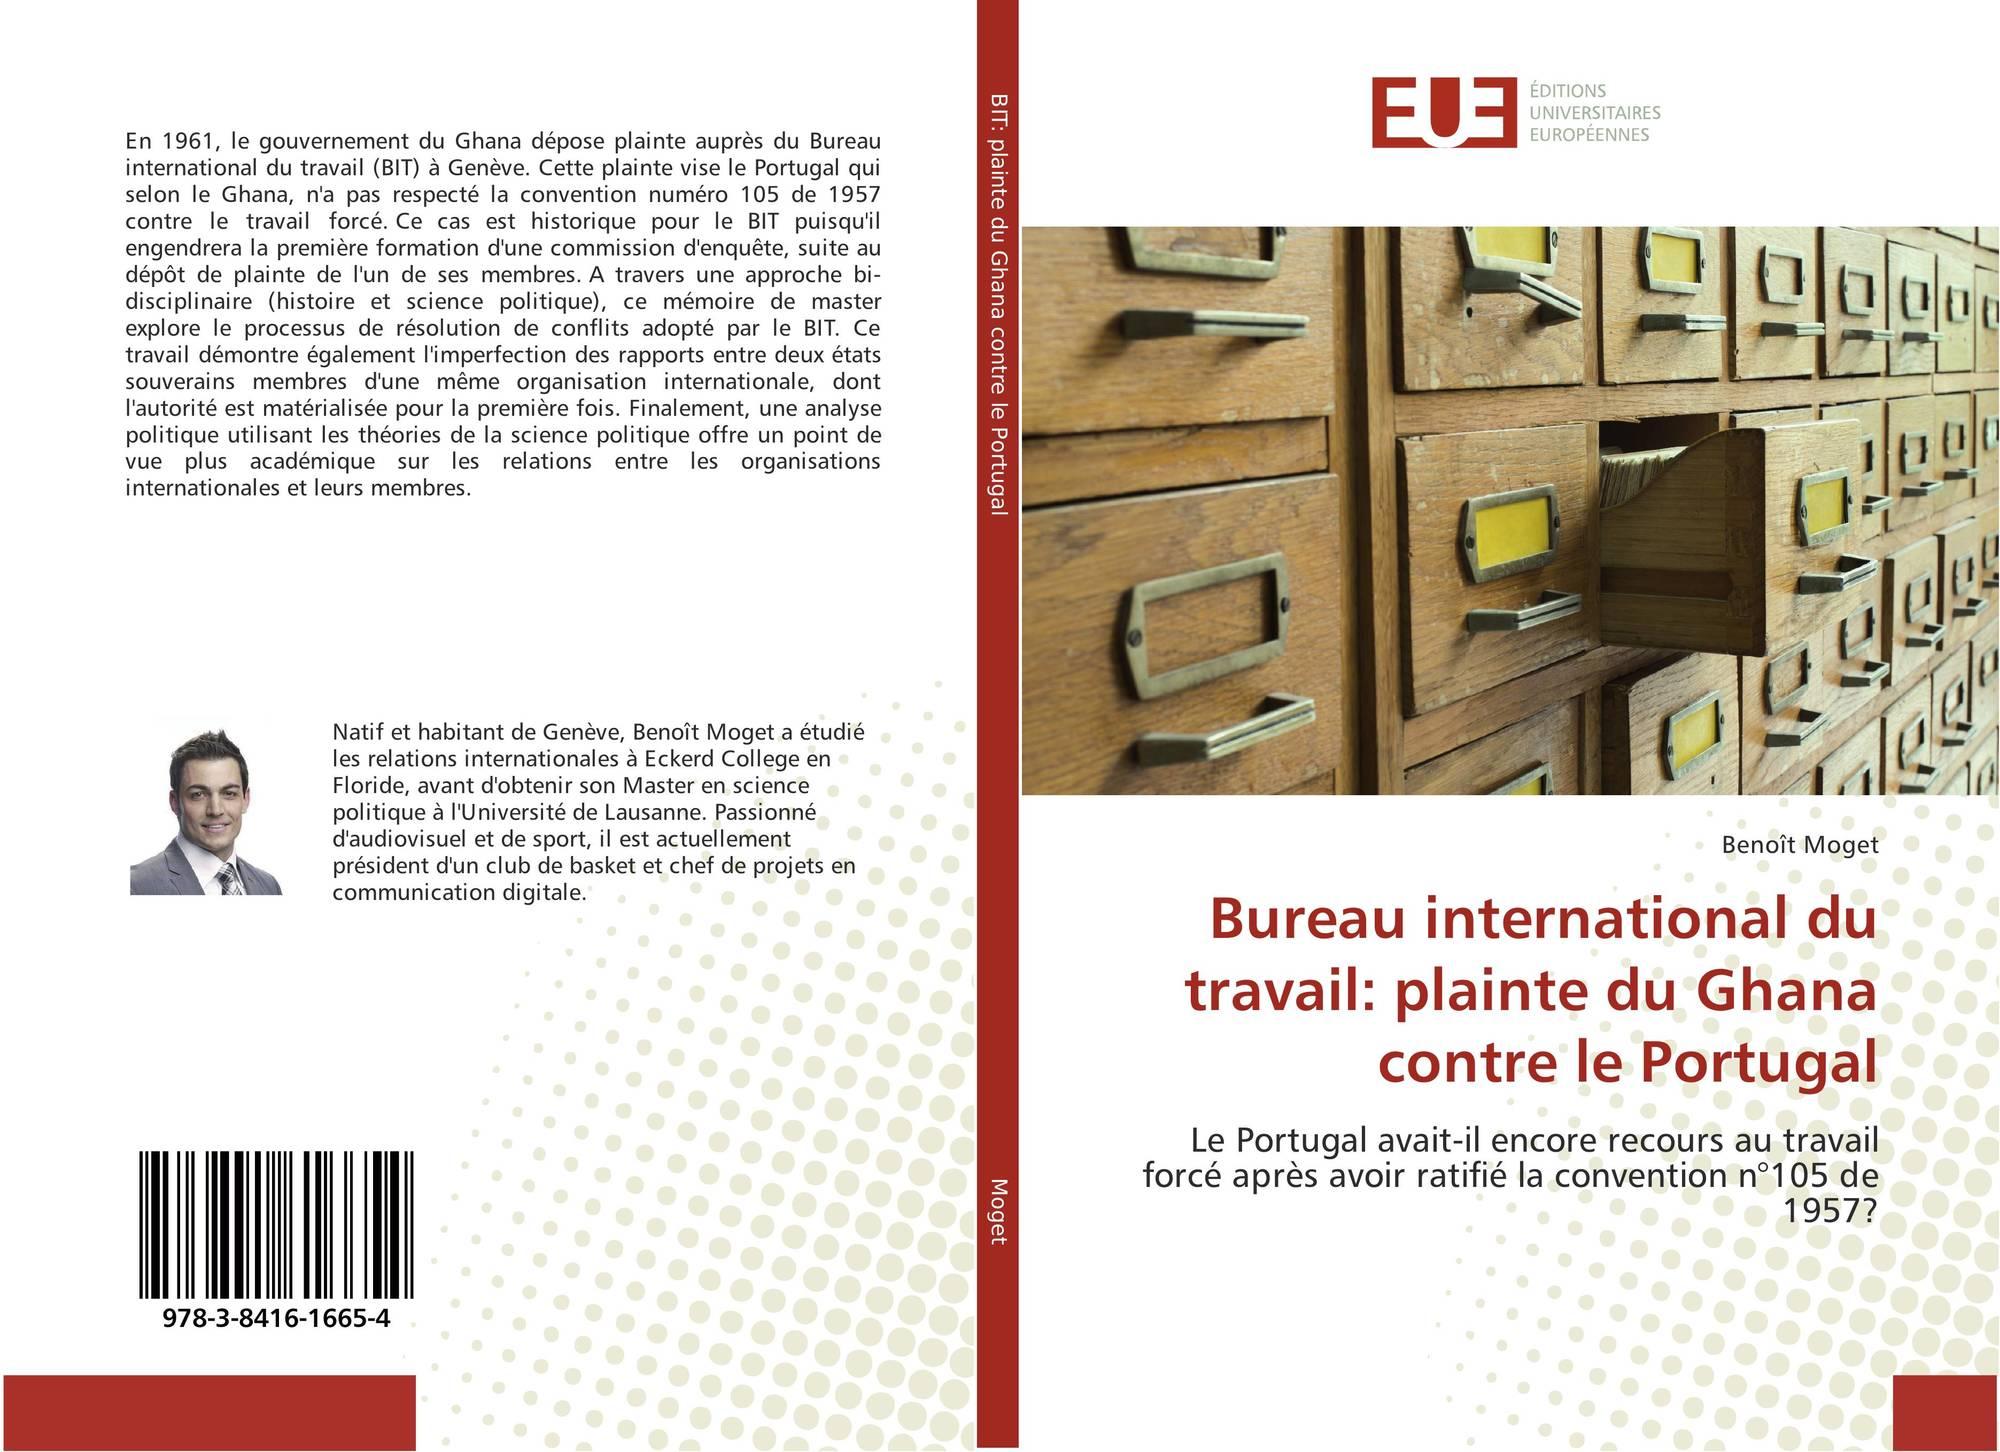 bureau international du travail plainte du ghana contre le portugal 978 3 8416 1665 4. Black Bedroom Furniture Sets. Home Design Ideas